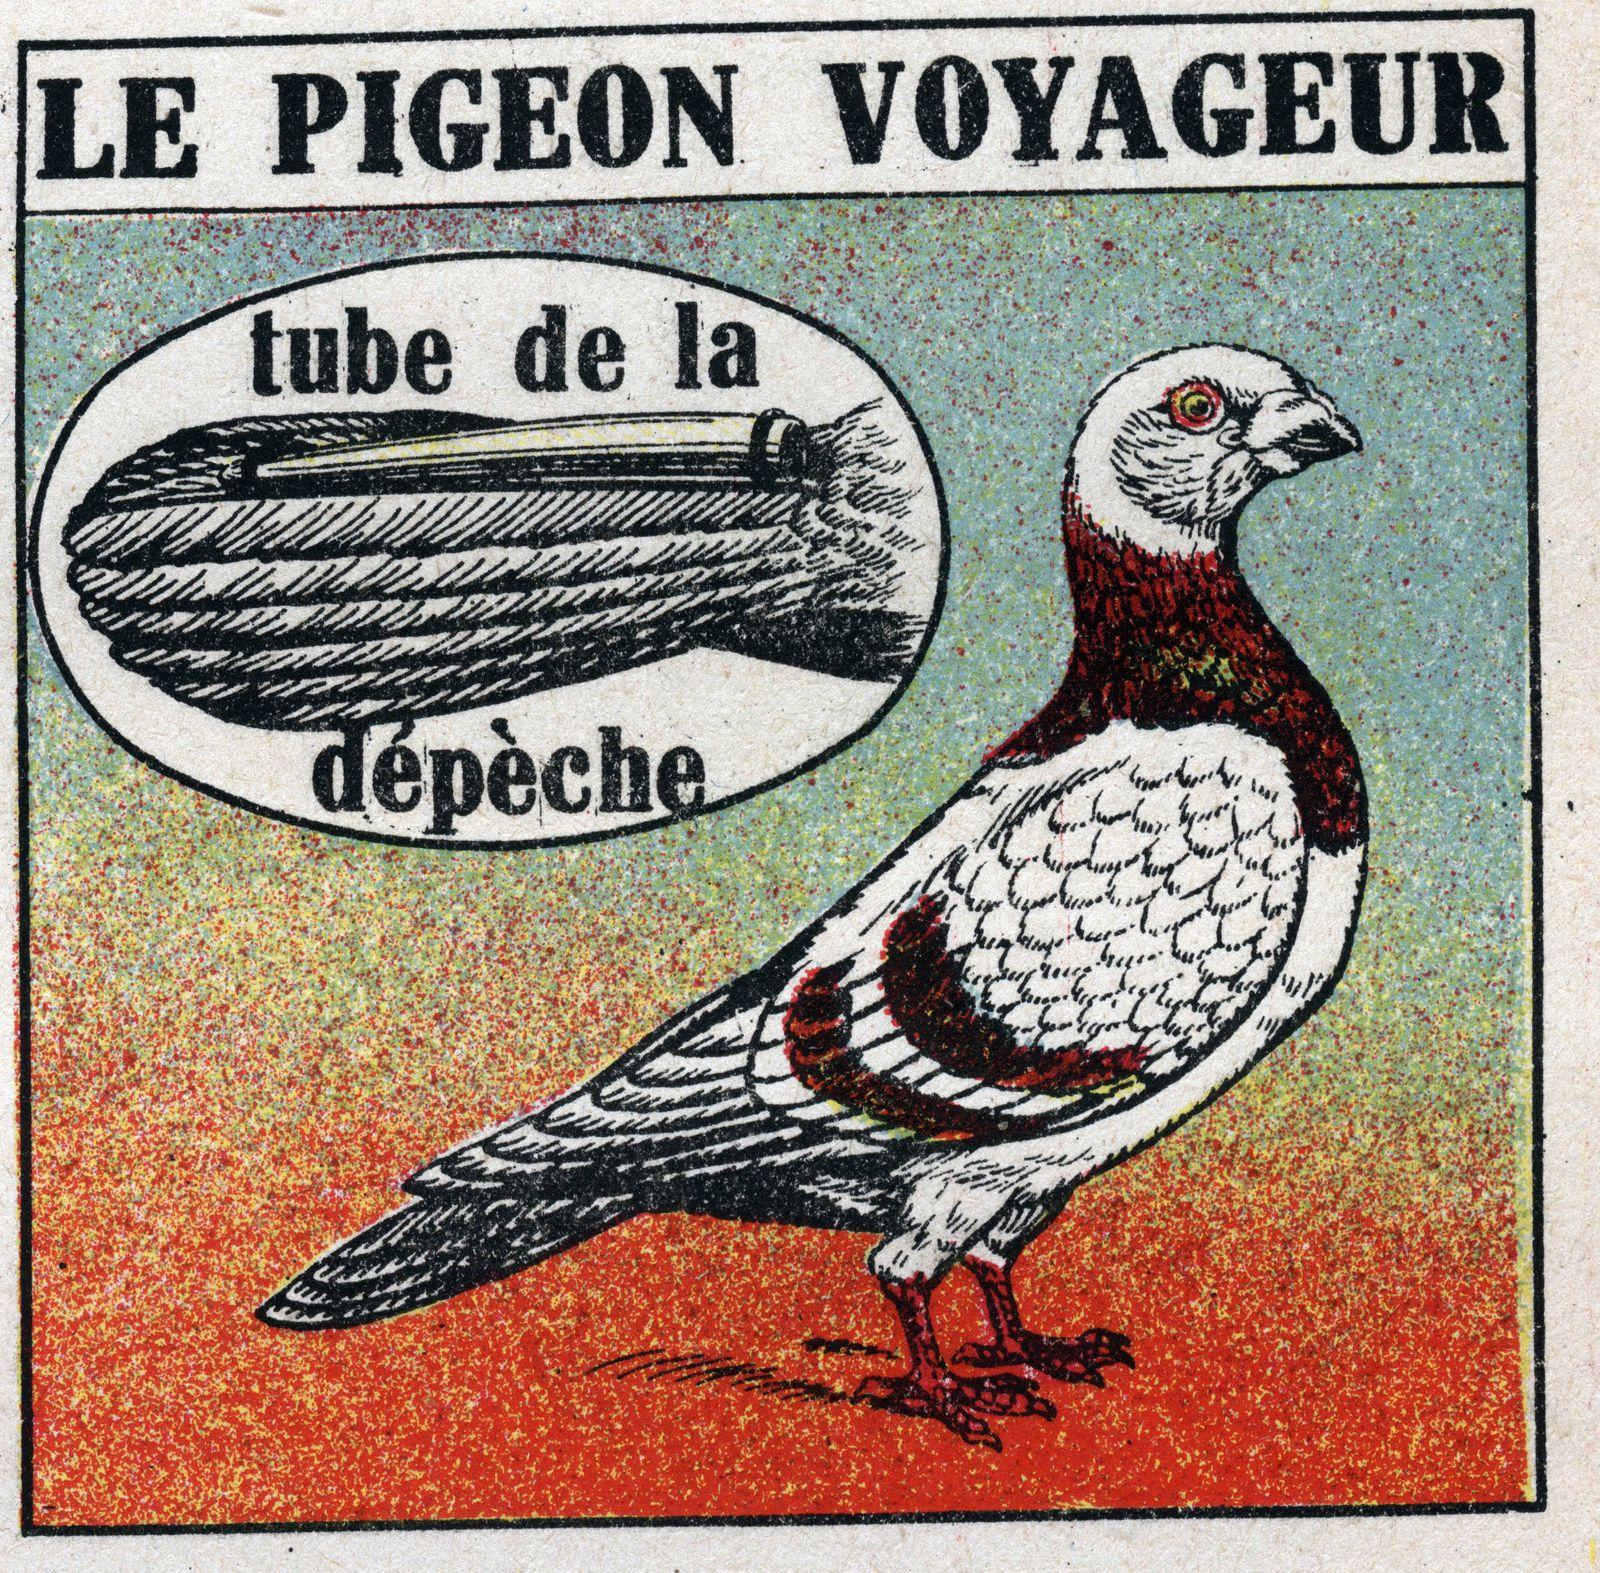 La poste le pigeon voyageur Illustration anonyme de 1925 Collection privee AUFNAHMEDATUM GESCH